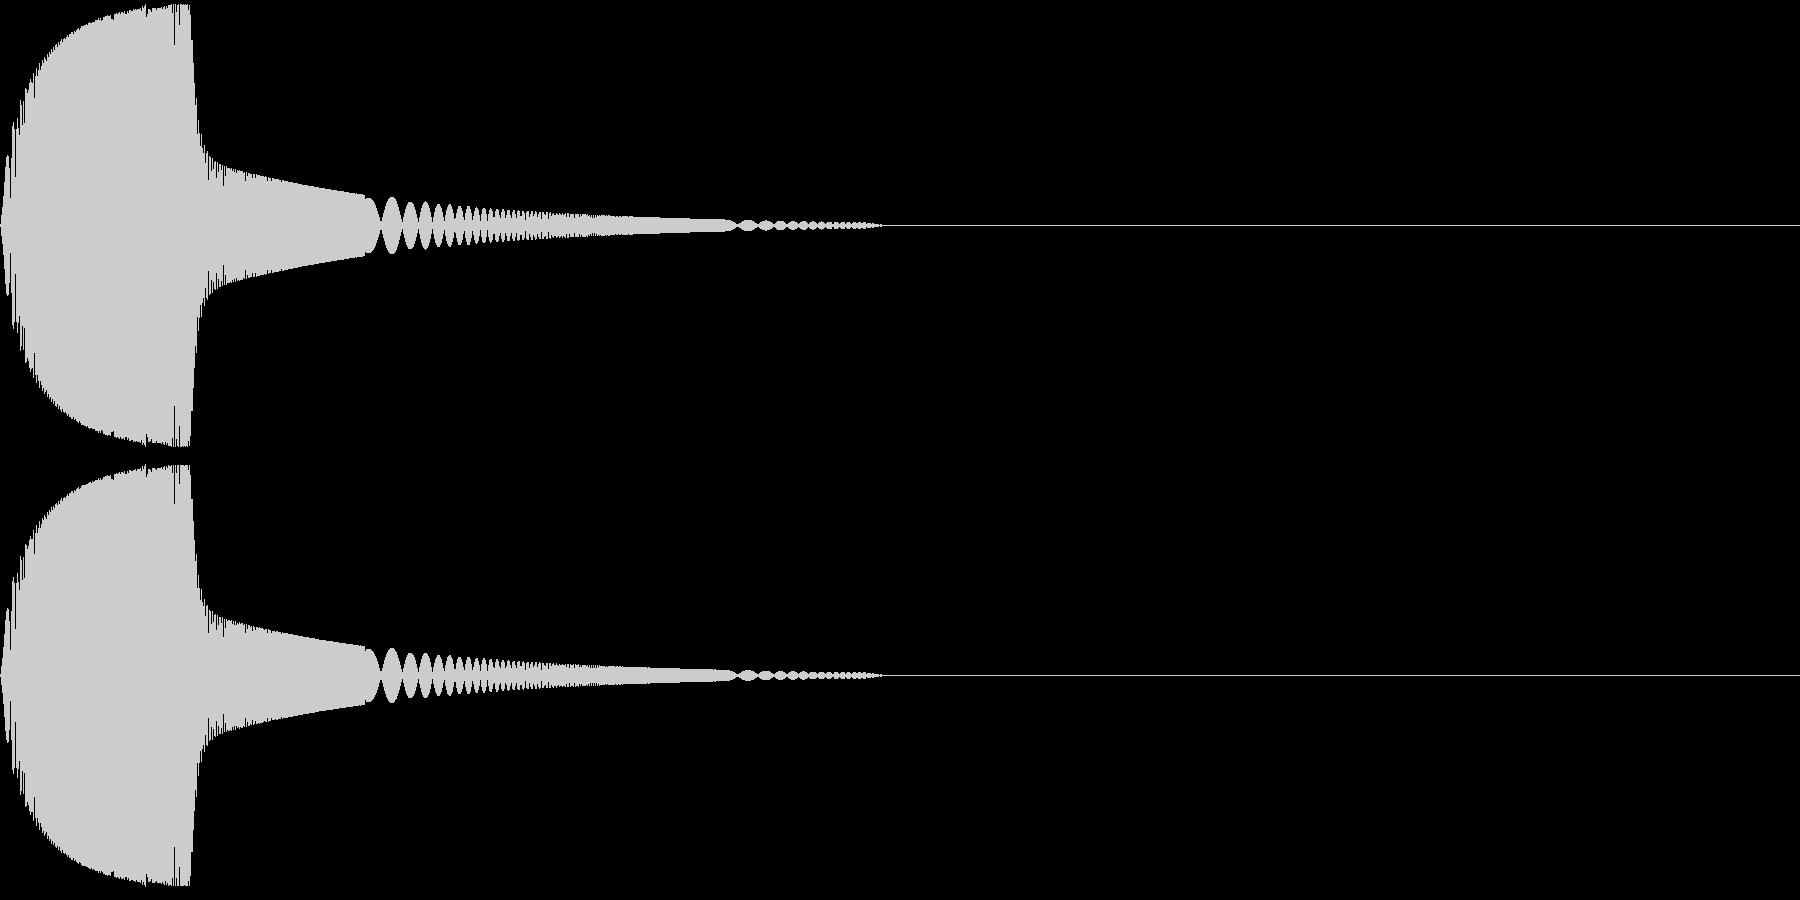 ツンと指先でつつく01の未再生の波形